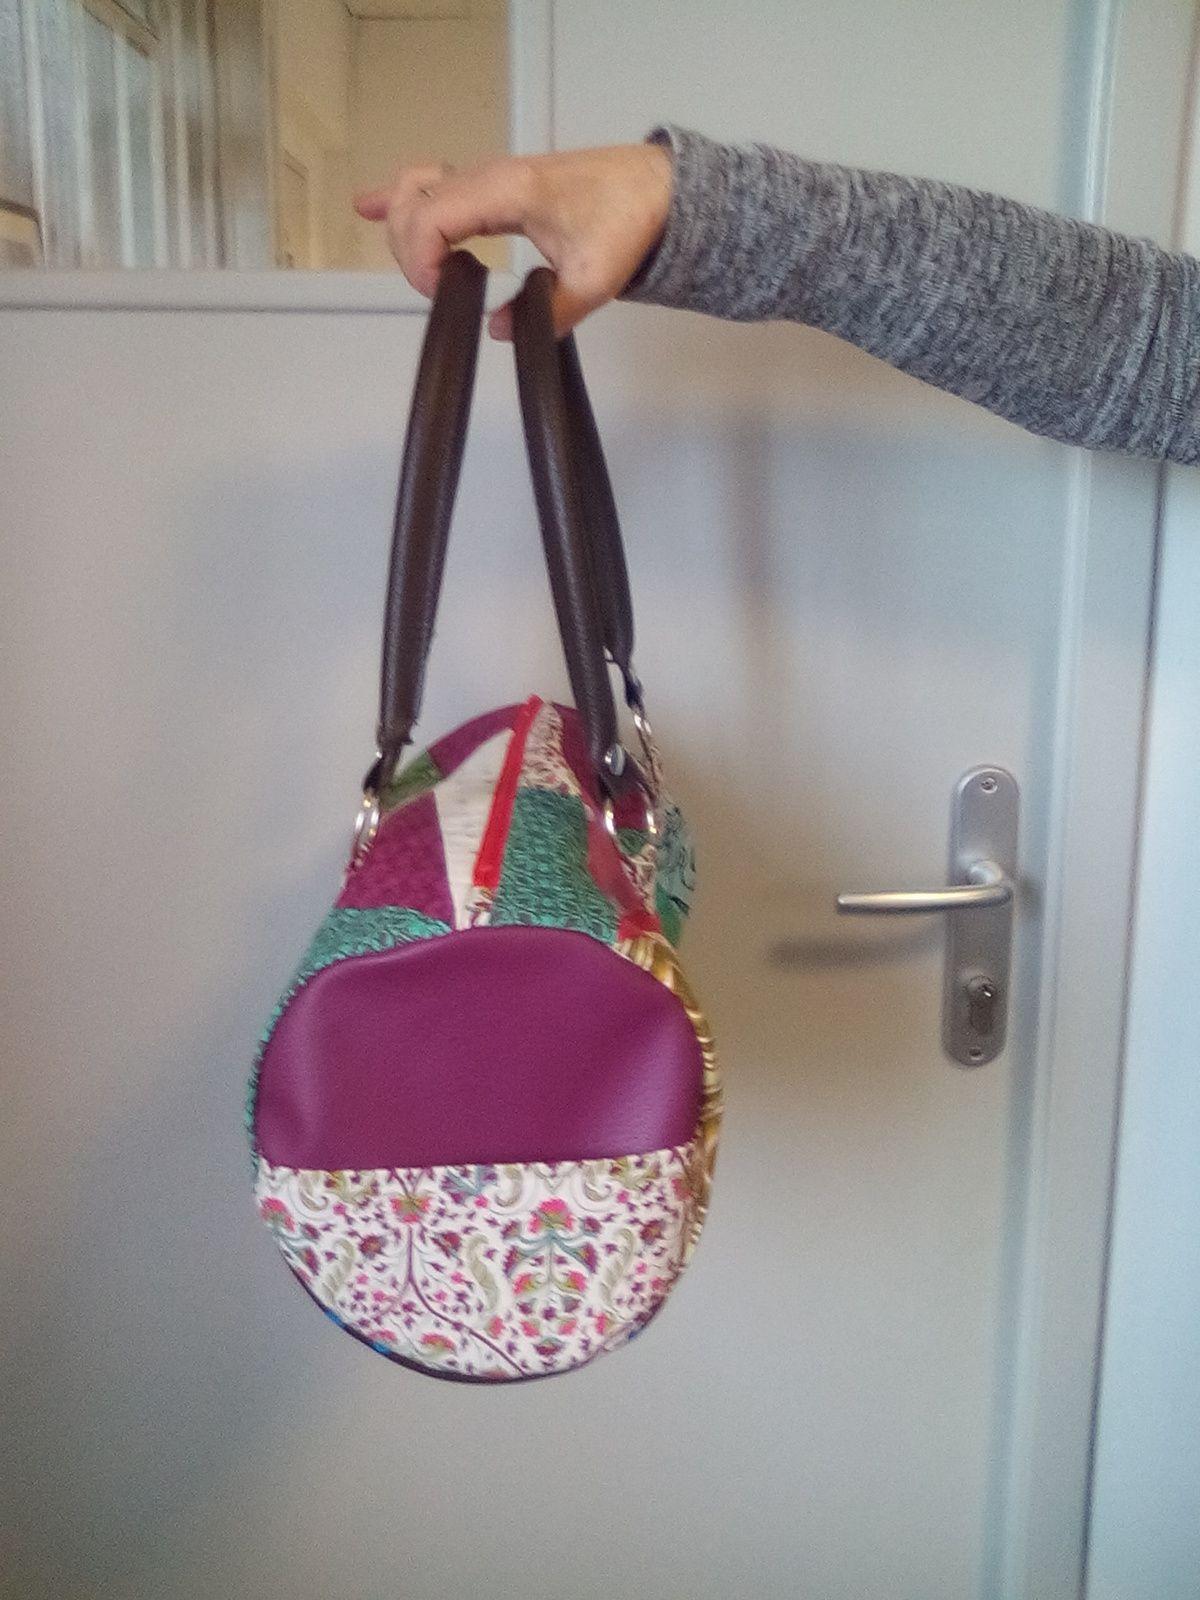 Vive les sacs en patchwork !!!